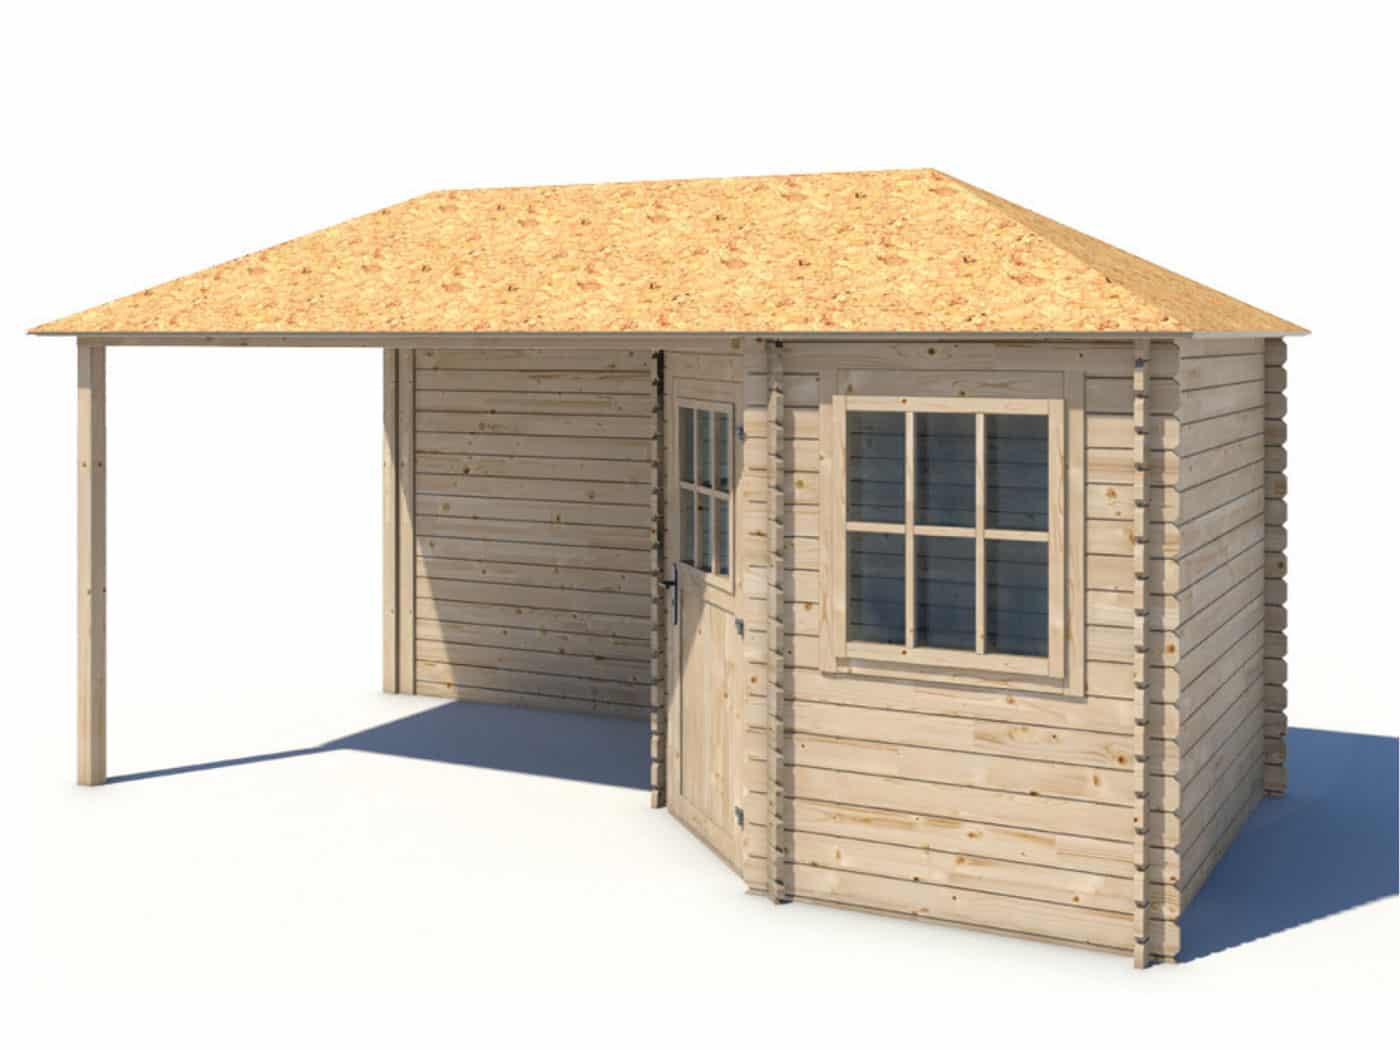 Produktbilde - Eline - Hagehus med takoverbygg -480x240cm